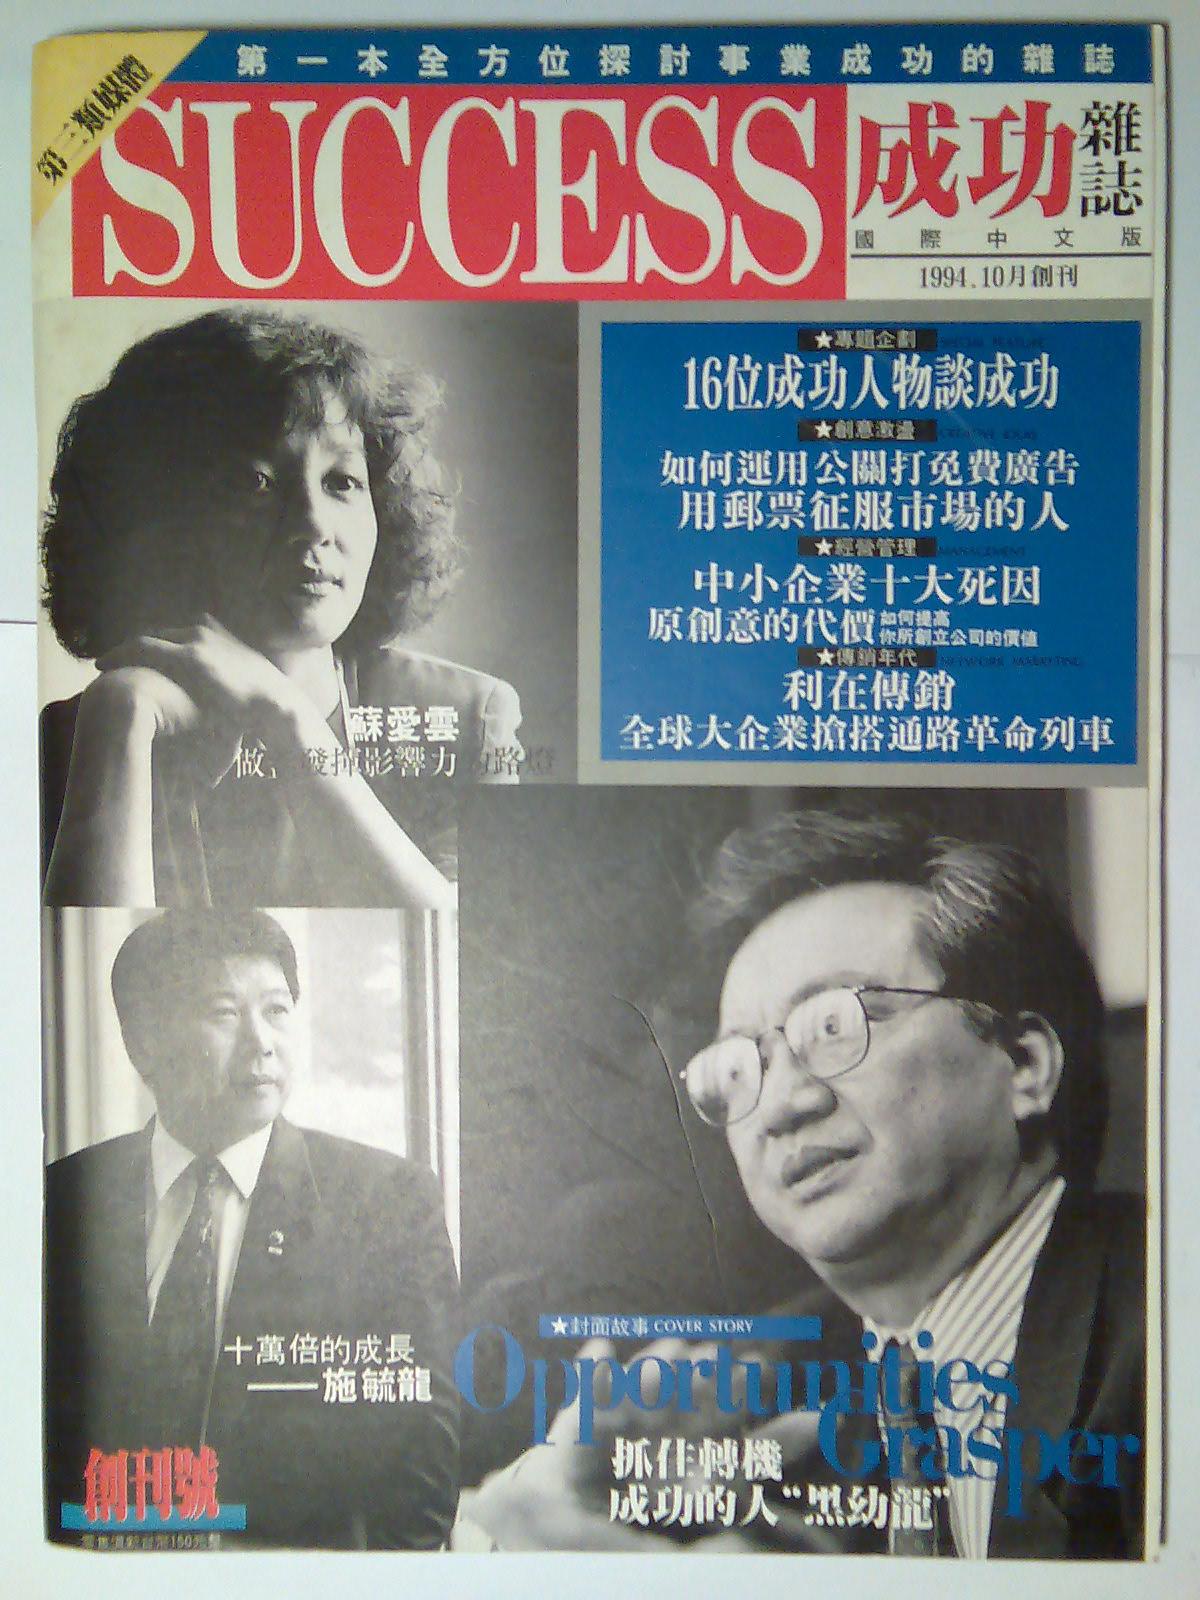 SUCCESS成功雜誌